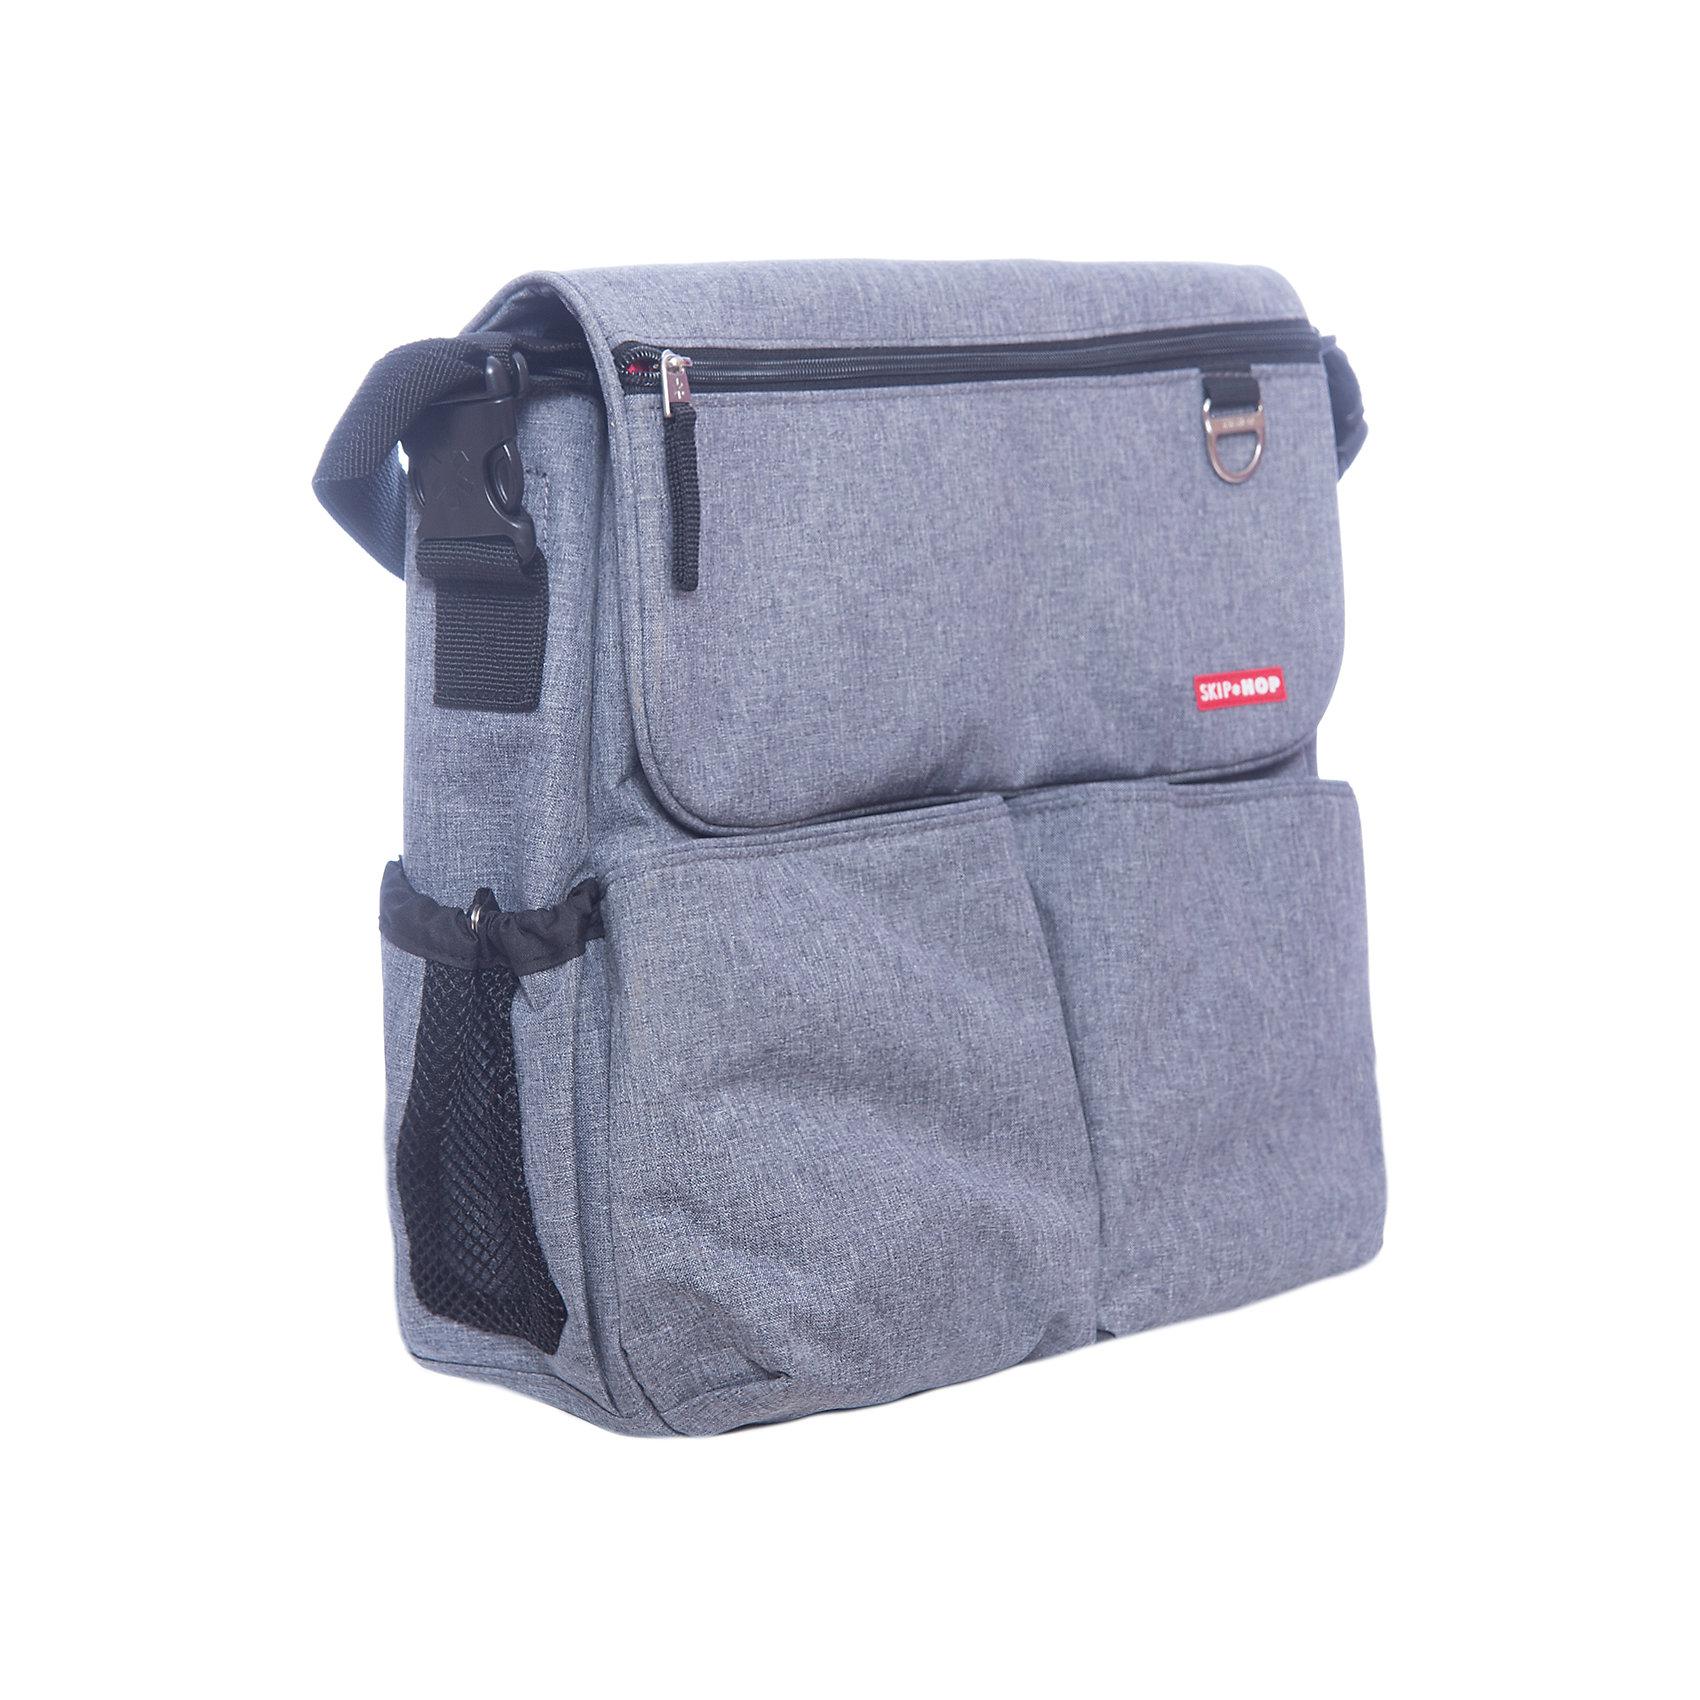 Сумка для мамы на коляску, SkipHopХарактеристики сумки для мамы на коляску:<br><br>- надежно крепится на ручке коляски или удобно носится через плечо<br>- запатентованная система крепления сумки к коляске (shuttle clips) делает duo идеальной сумкой для любой коляски<br>- прочная, износостойкая, легко стирающаяся ткань – duo будет выглядеть как новая даже через несколько лет после покупки<br>- в комплекте с сумкой – переходники на коляску и мягкий пеленальный матрасик<br>- в комплекте с сумкой версии jonathan adler – переходники, матрасик и косметичка<br>- большие боковые карманы для бутылочек<br>- мягкая, эргономичная накладка на плечевой ремень<br>- 11 карманов, включая «родительский» карман на молнии<br>- специальное отделение для мобильного телефона<br>- светлый материал внутренней подкладки для удобного поиска того, что в сумке<br>- размеры сумки (ширина х длина х высота): 33 * 11 * 35 см<br><br>Сумка для мамы на коляску торговой марки SkipHop имеет многочисленные карманы, которые делают эту стильную сумку незаменимой помощницей современных родителей. В сумке запросто уместится все, что может понадобиться на прогулке ребенку и родителям: сменные памперсы, игрушки, бутылочки и еда. <br>Отдельные карманы помогут сохранить Ваши записные книжки, мобильные телефоны, ключи и кошелек чистыми и сухими. С помощью запатентованных креплений Shuttle Clips DUO быстро и легко превращается из обычной сумки в сумку для коляски и обратно в обычную сумку – специальные крепления на ручку коляски практически не заметны, а плечевая лямка изящно скрывается в сумке.<br><br>Сумку для мамы на коляску торговой марки SkipHop (Скип Хоп) можно купить в нашем интернет-магазине.<br><br>Ширина мм: 370<br>Глубина мм: 370<br>Высота мм: 150<br>Вес г: 867<br>Возраст от месяцев: 0<br>Возраст до месяцев: 600<br>Пол: Унисекс<br>Возраст: Детский<br>SKU: 5146701